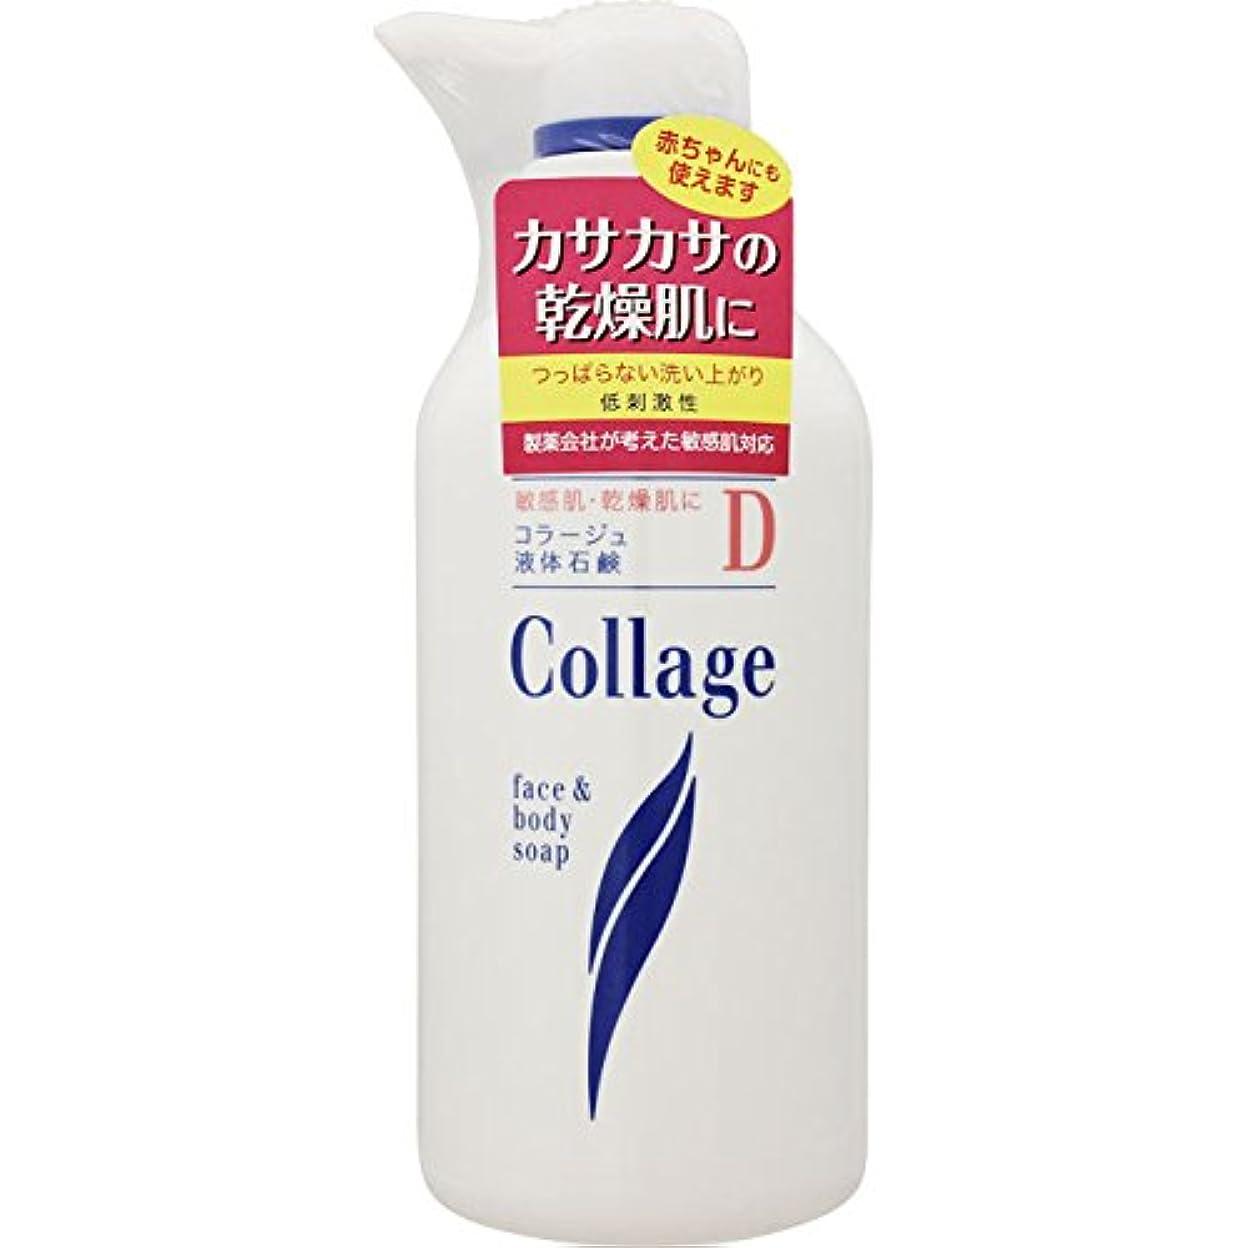 批判する男らしさ前件持田ヘルスケア コラージュD液体石鹸 400ml